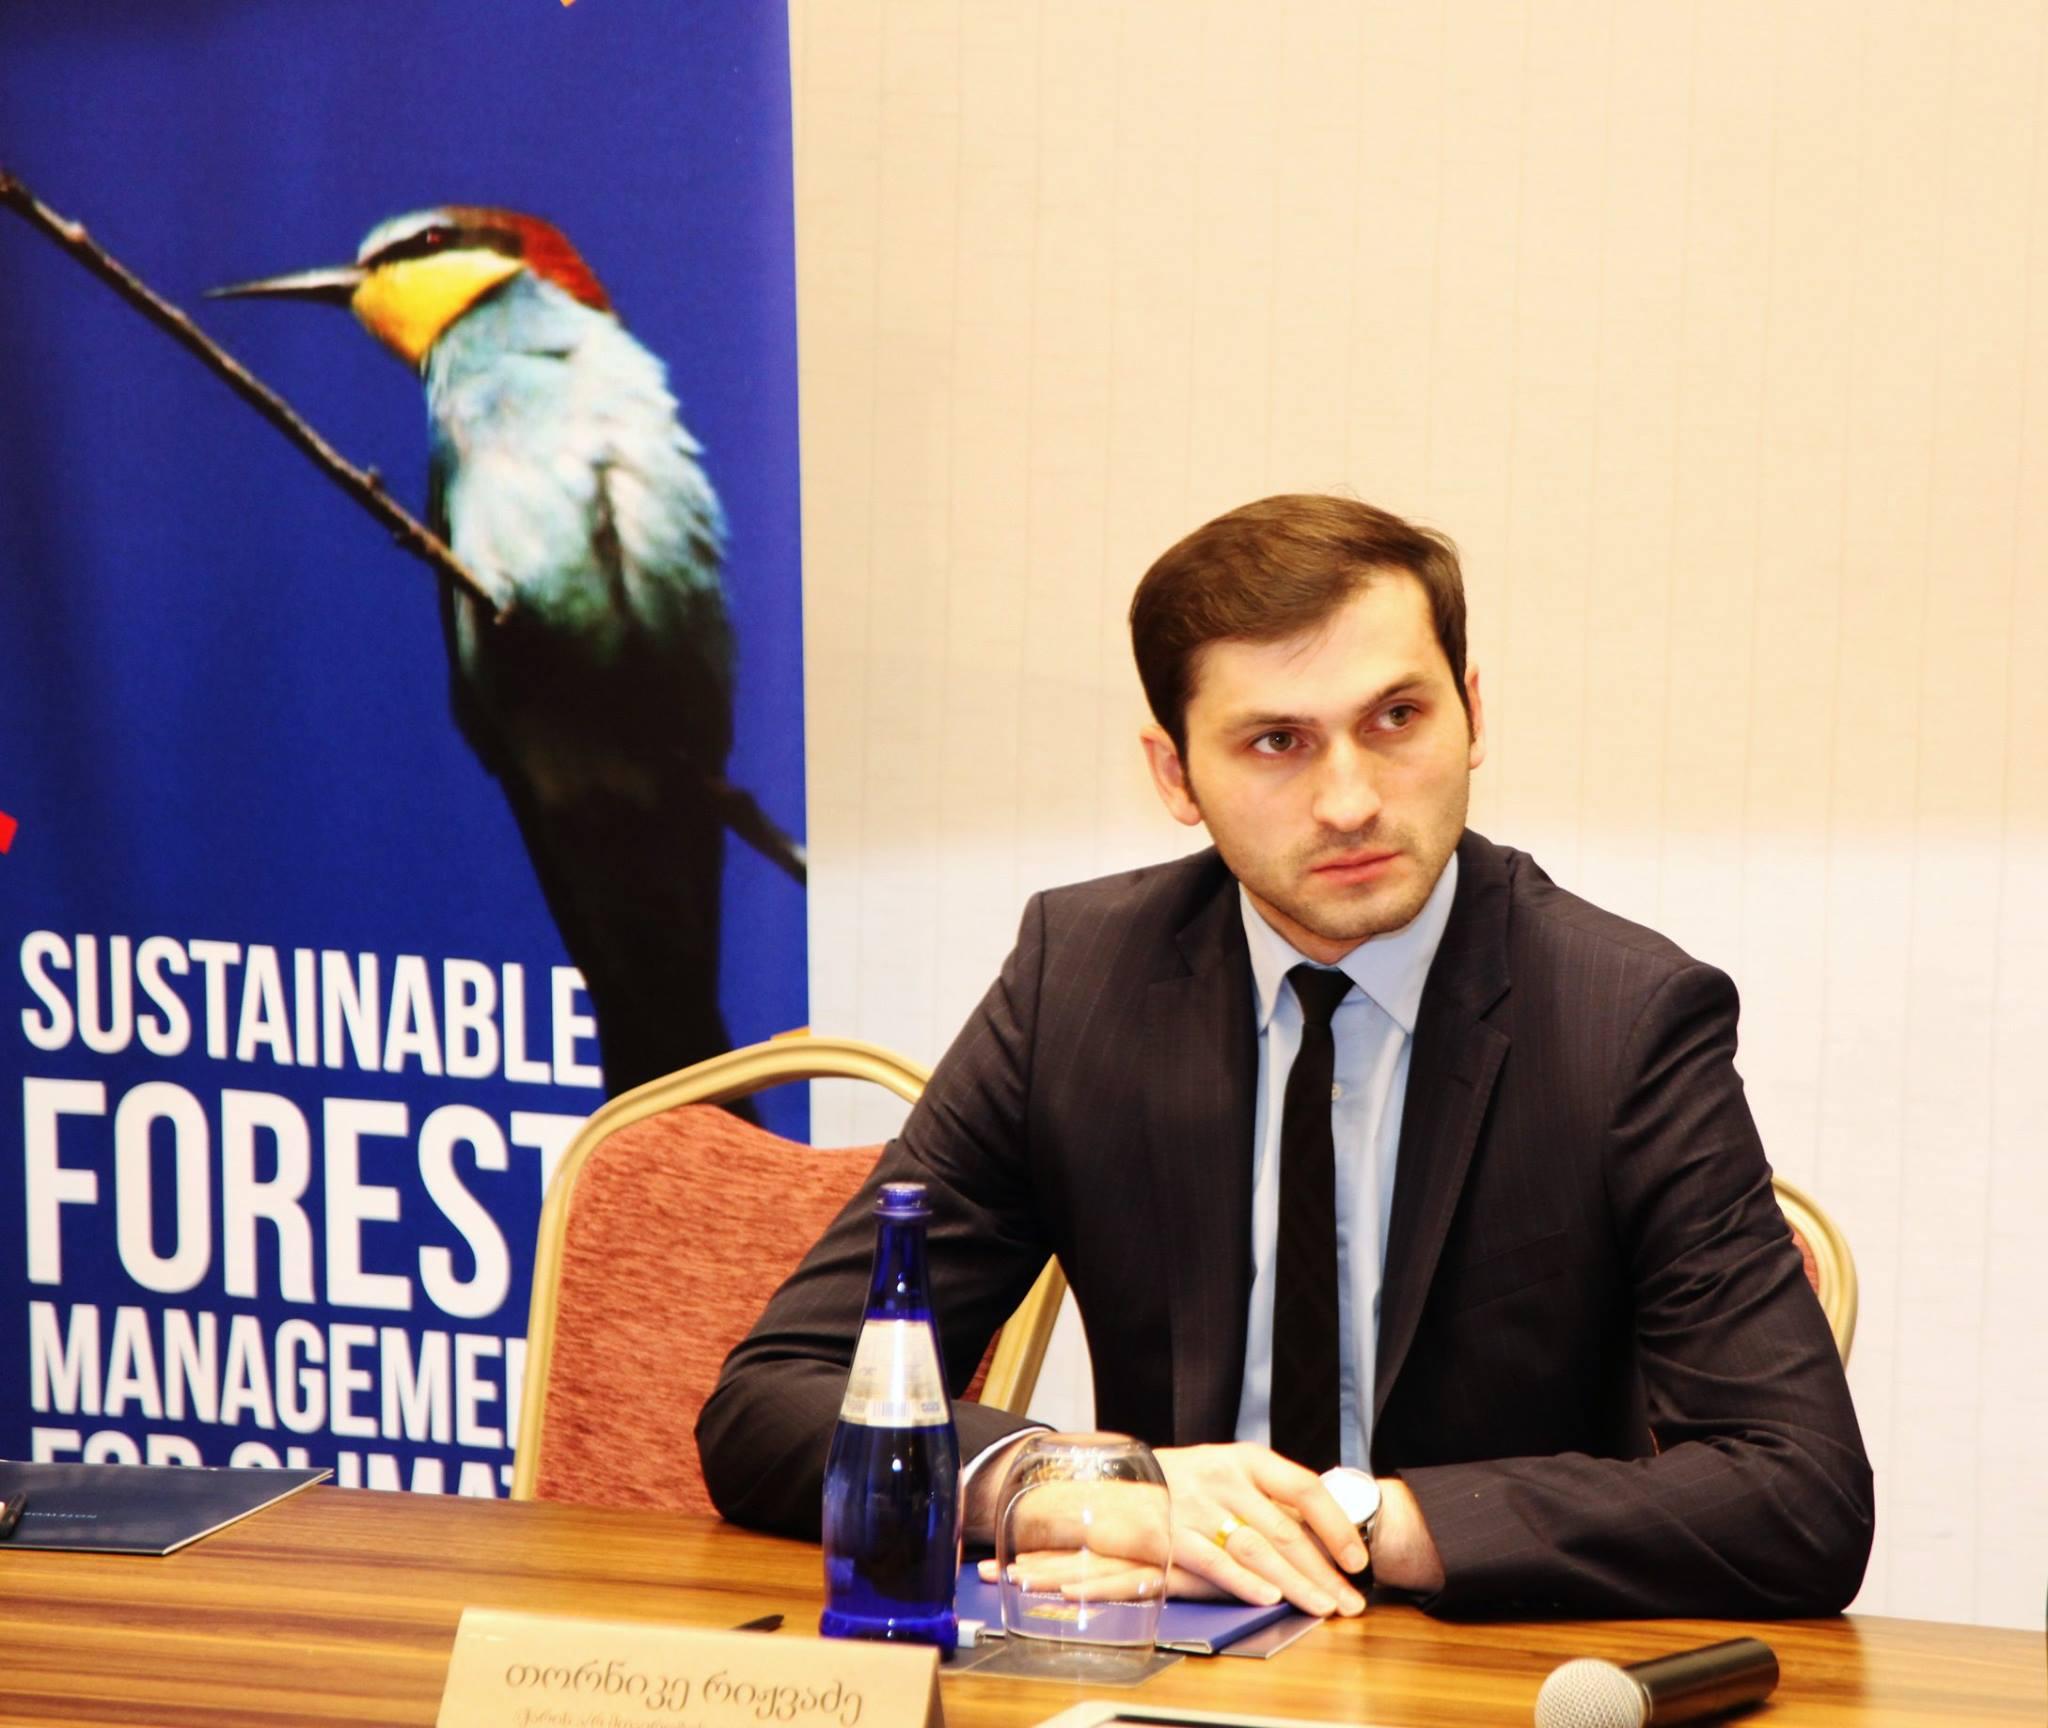 ტყის_მდგრადი_მართვა_სოფლის_განვითარებისათვის3